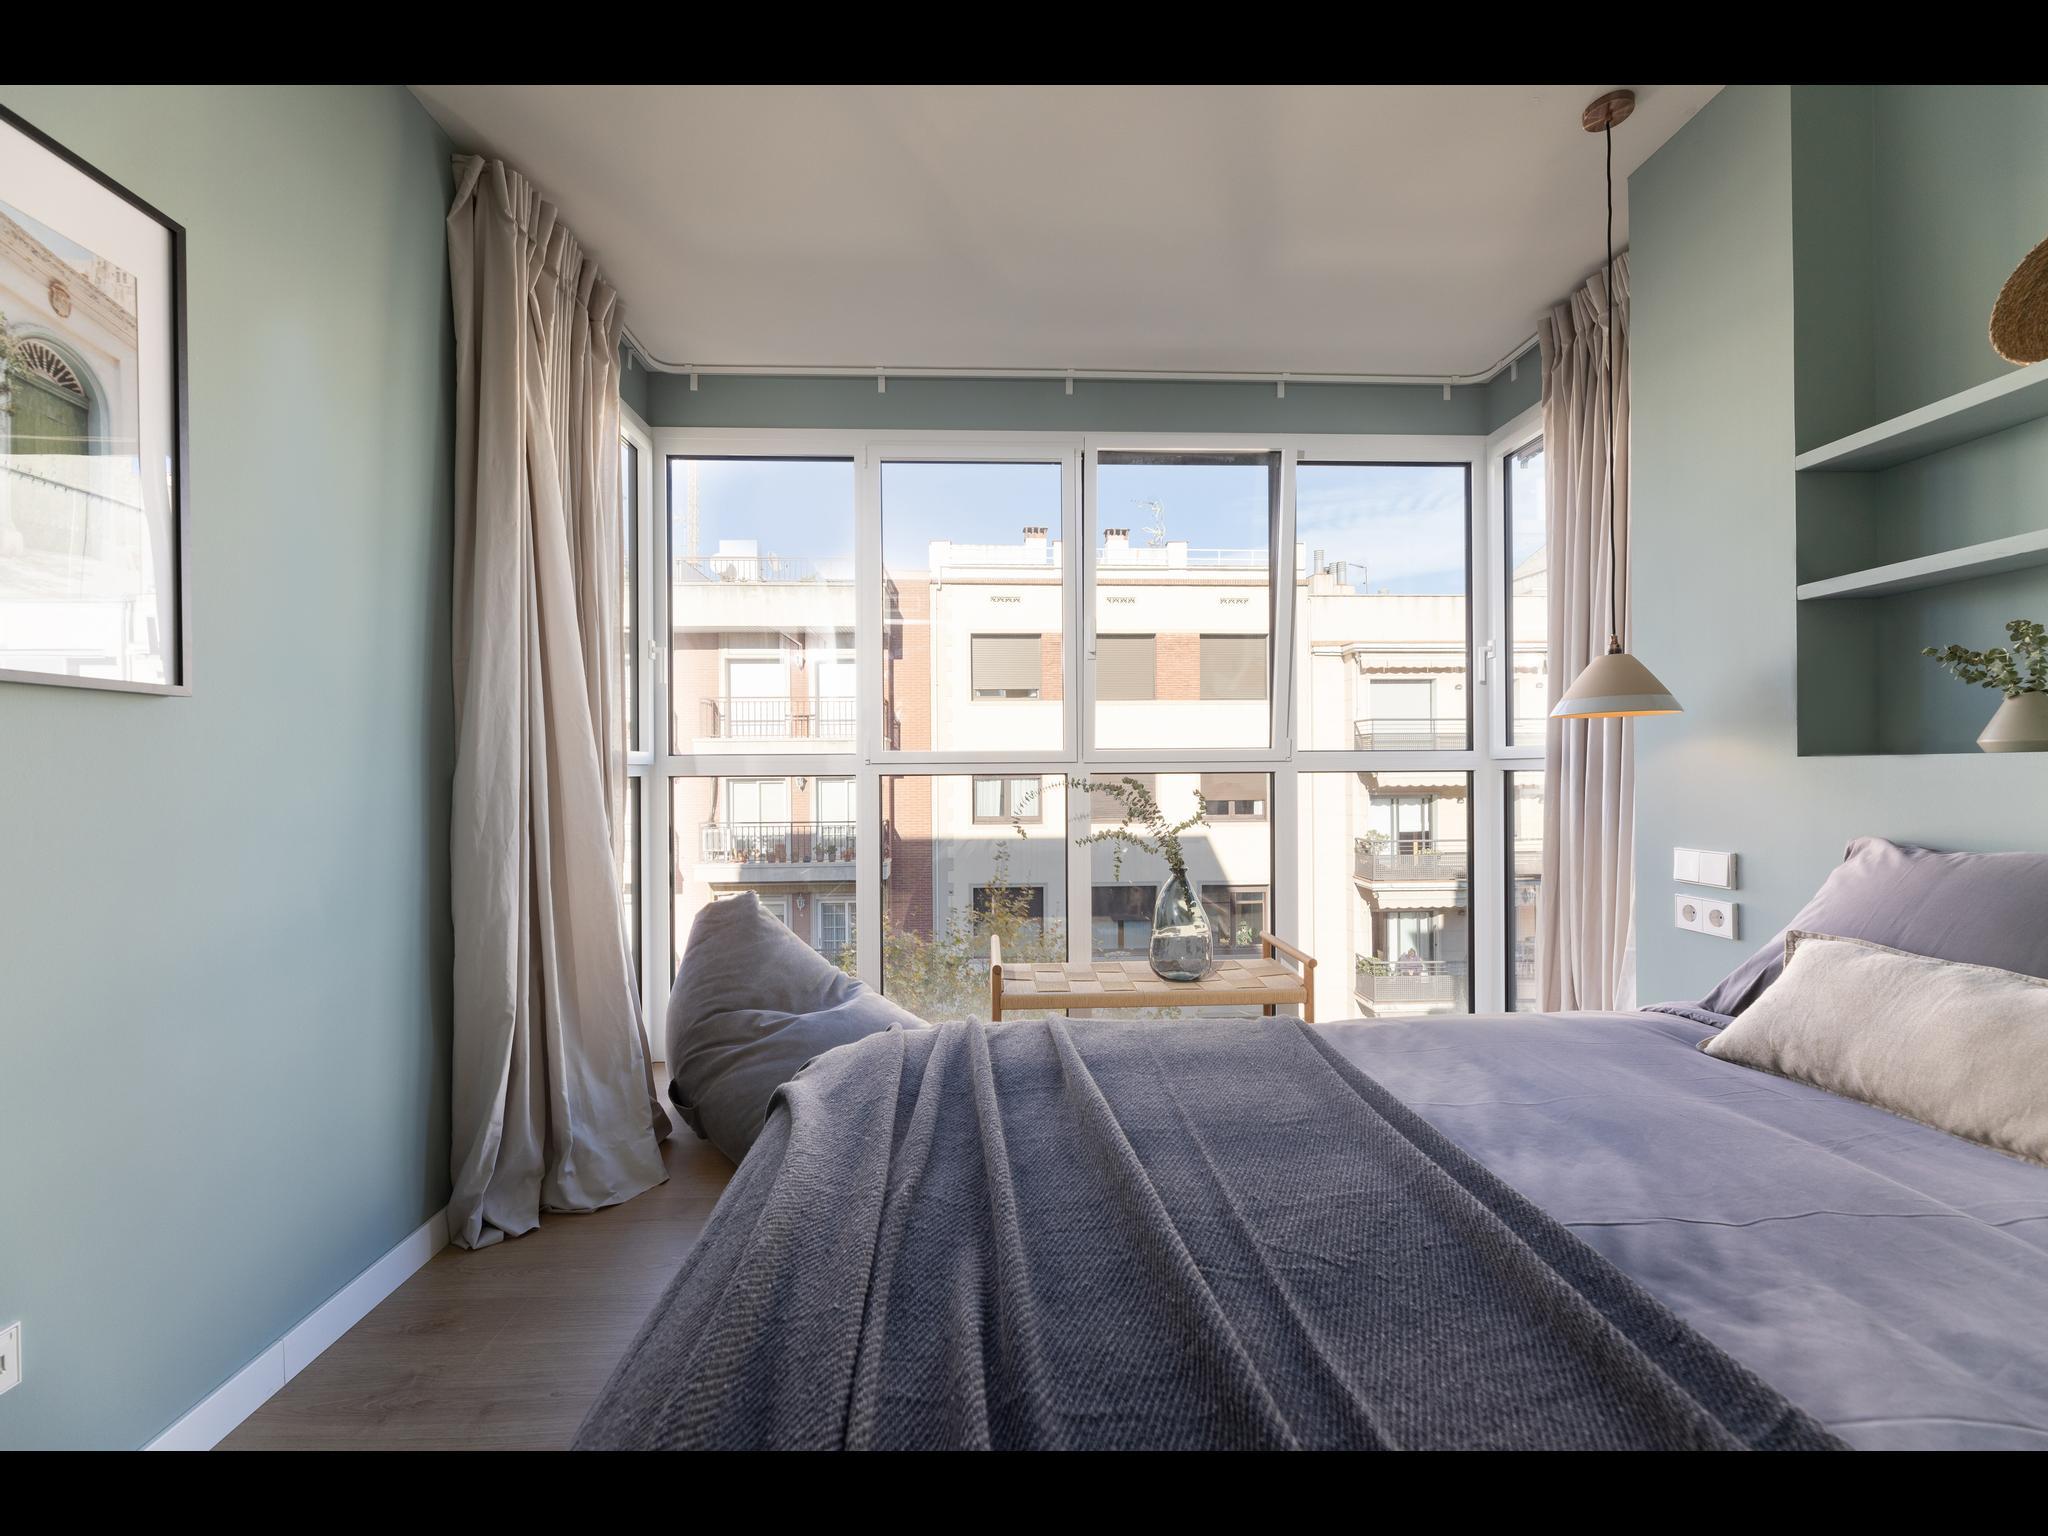 Sicilia 2 - Apartamento en alquiler en Barcelona